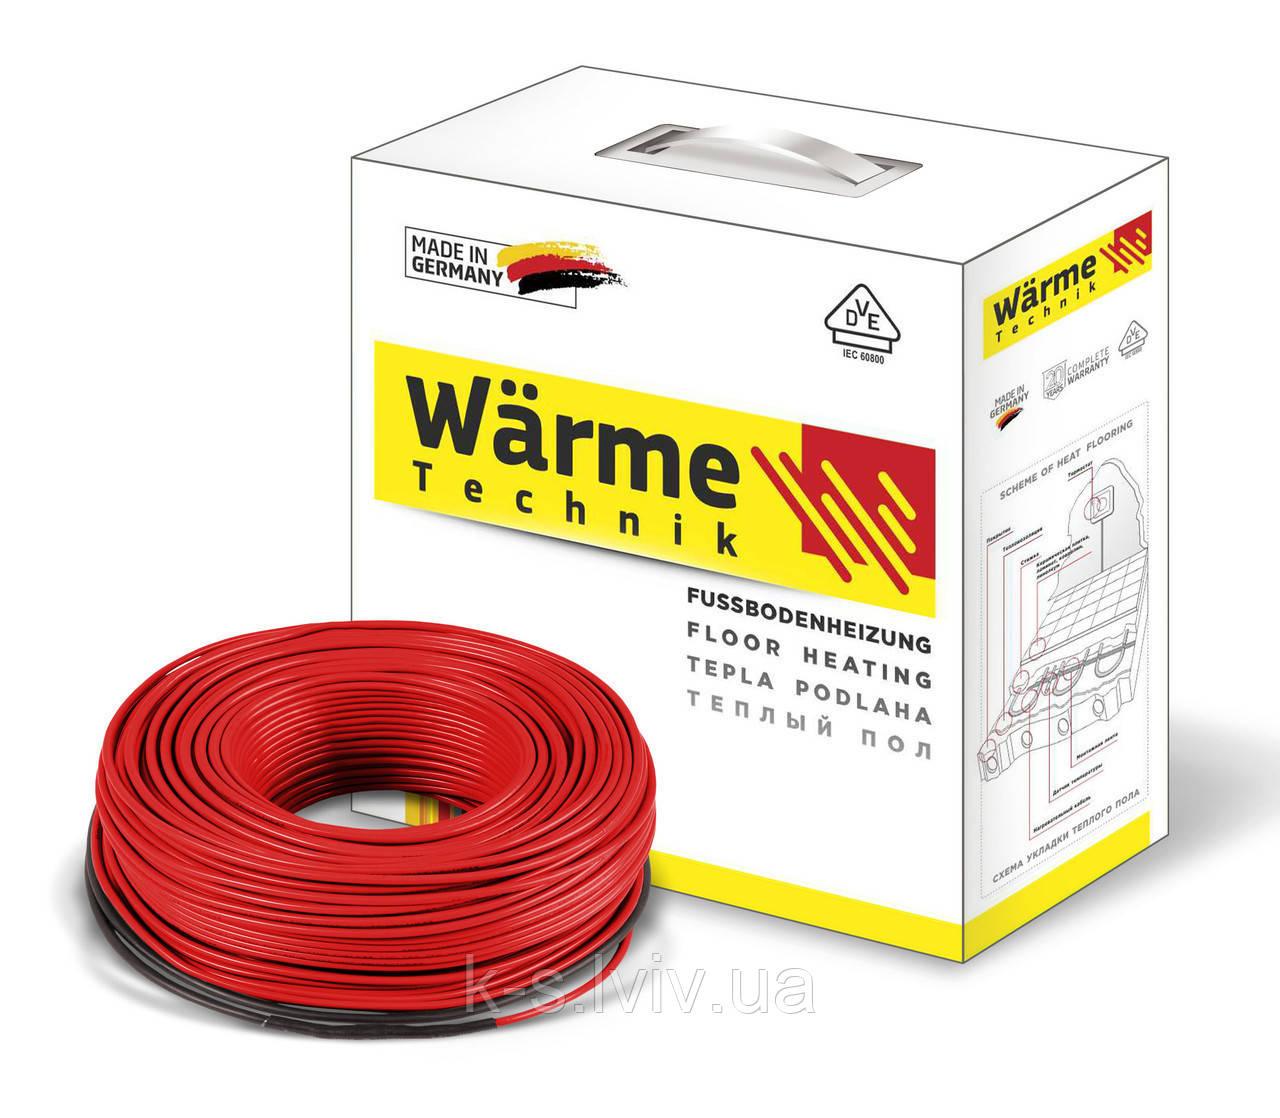 Двожильний нагрівальний тонкій кабель Варм (Wärme) Twin flex cable  - 450/ 2,4-3,0м²